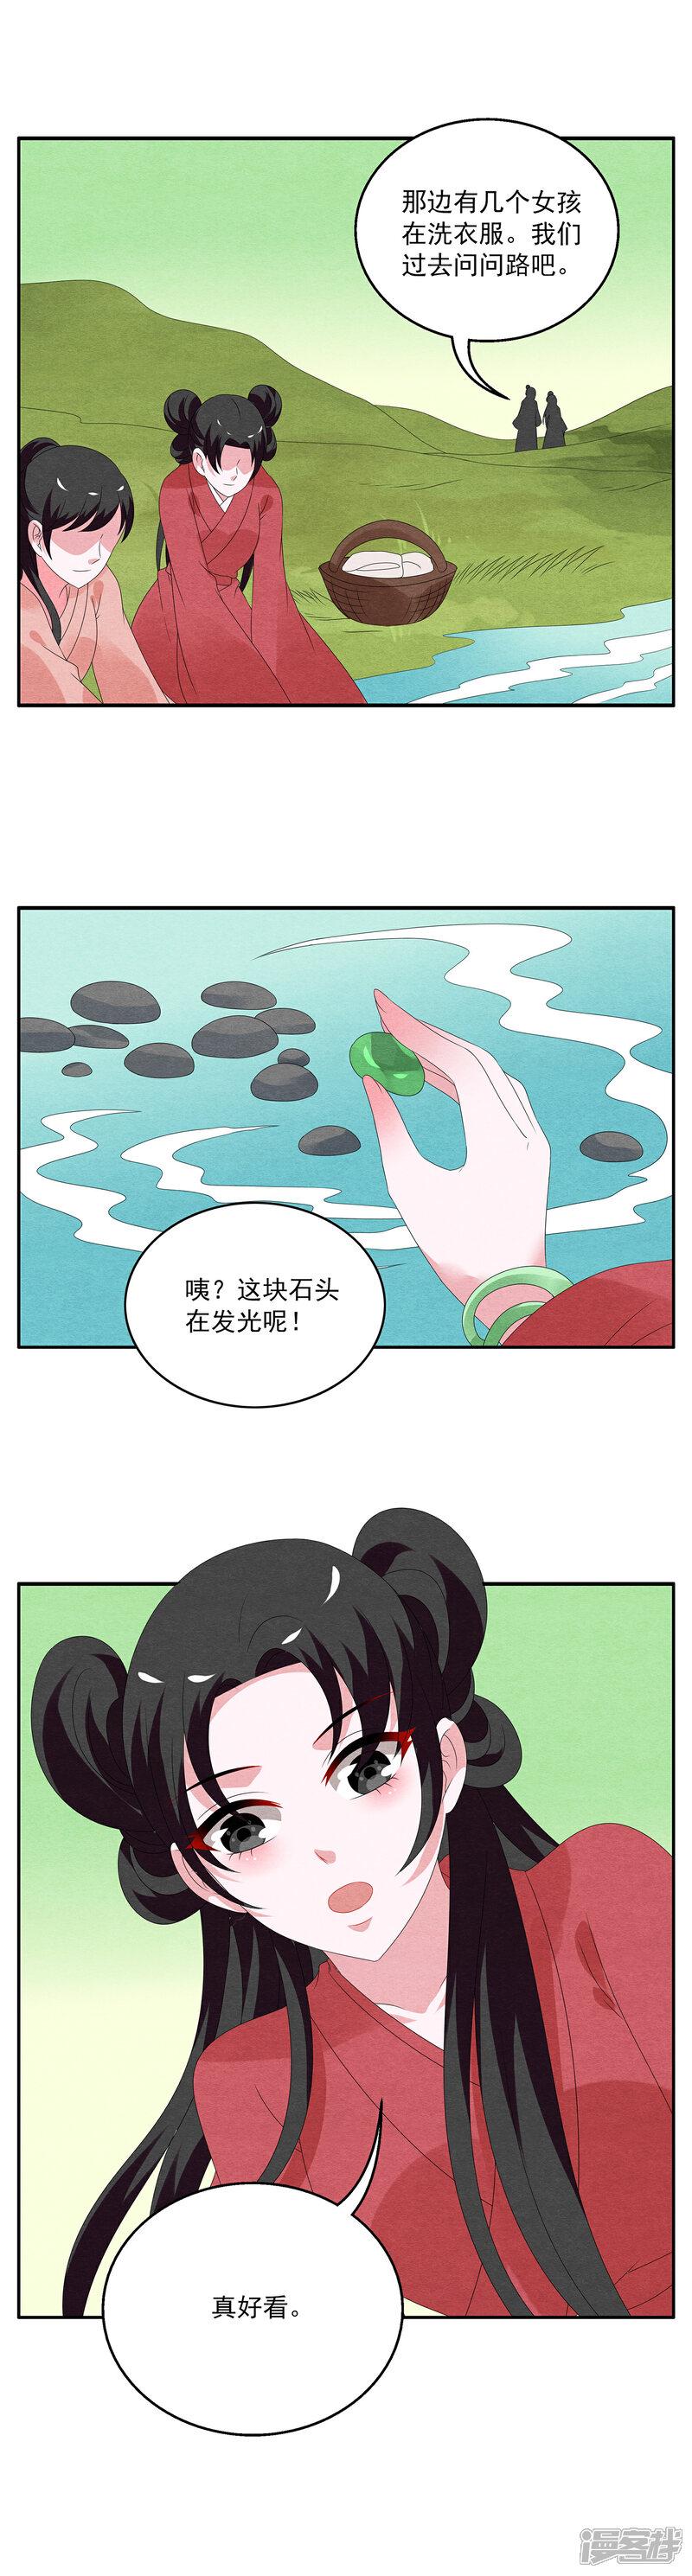 洛小妖118 (8).JPG